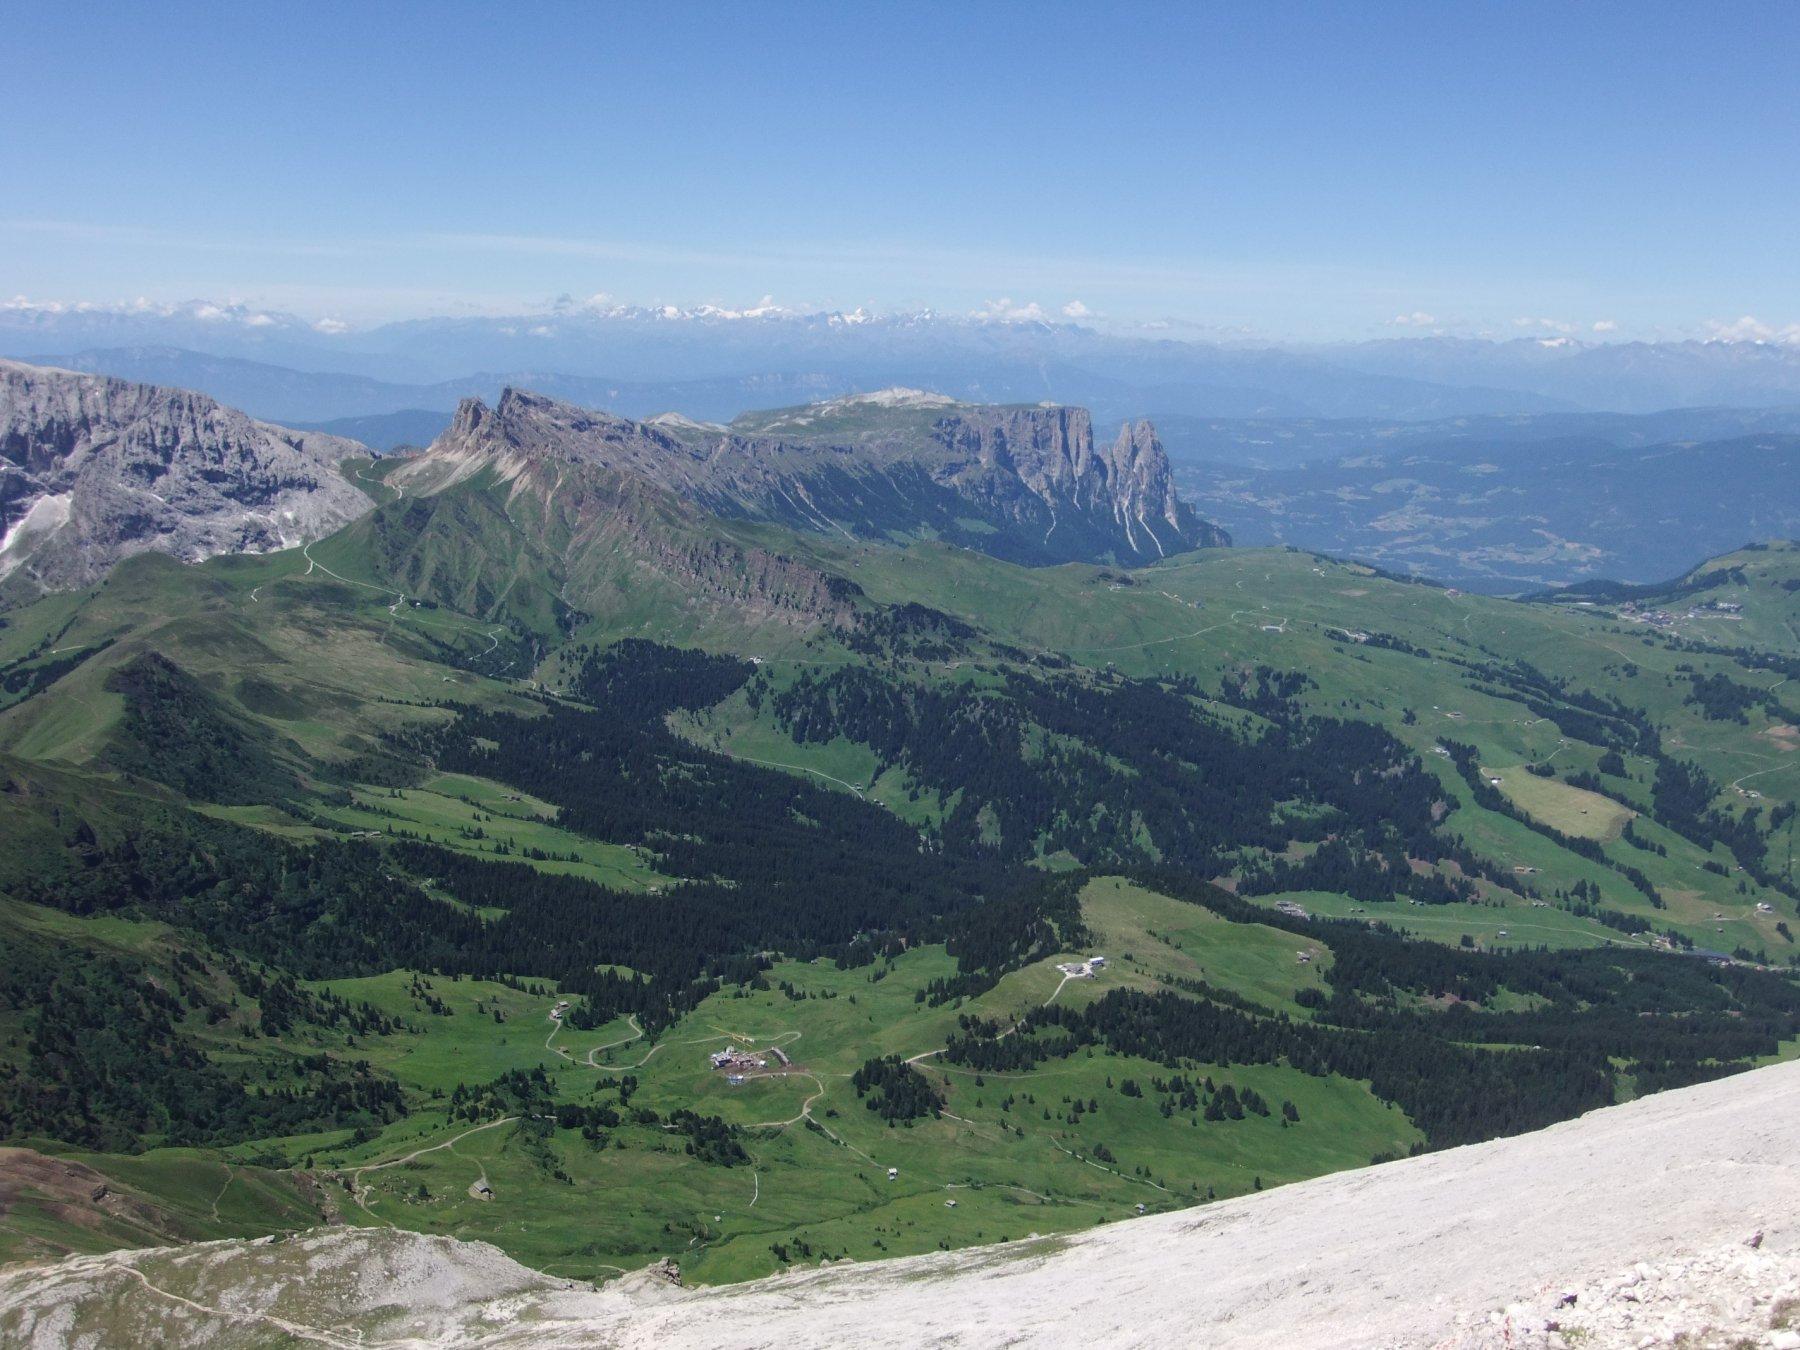 L'Alpe di Siusi dalla cima